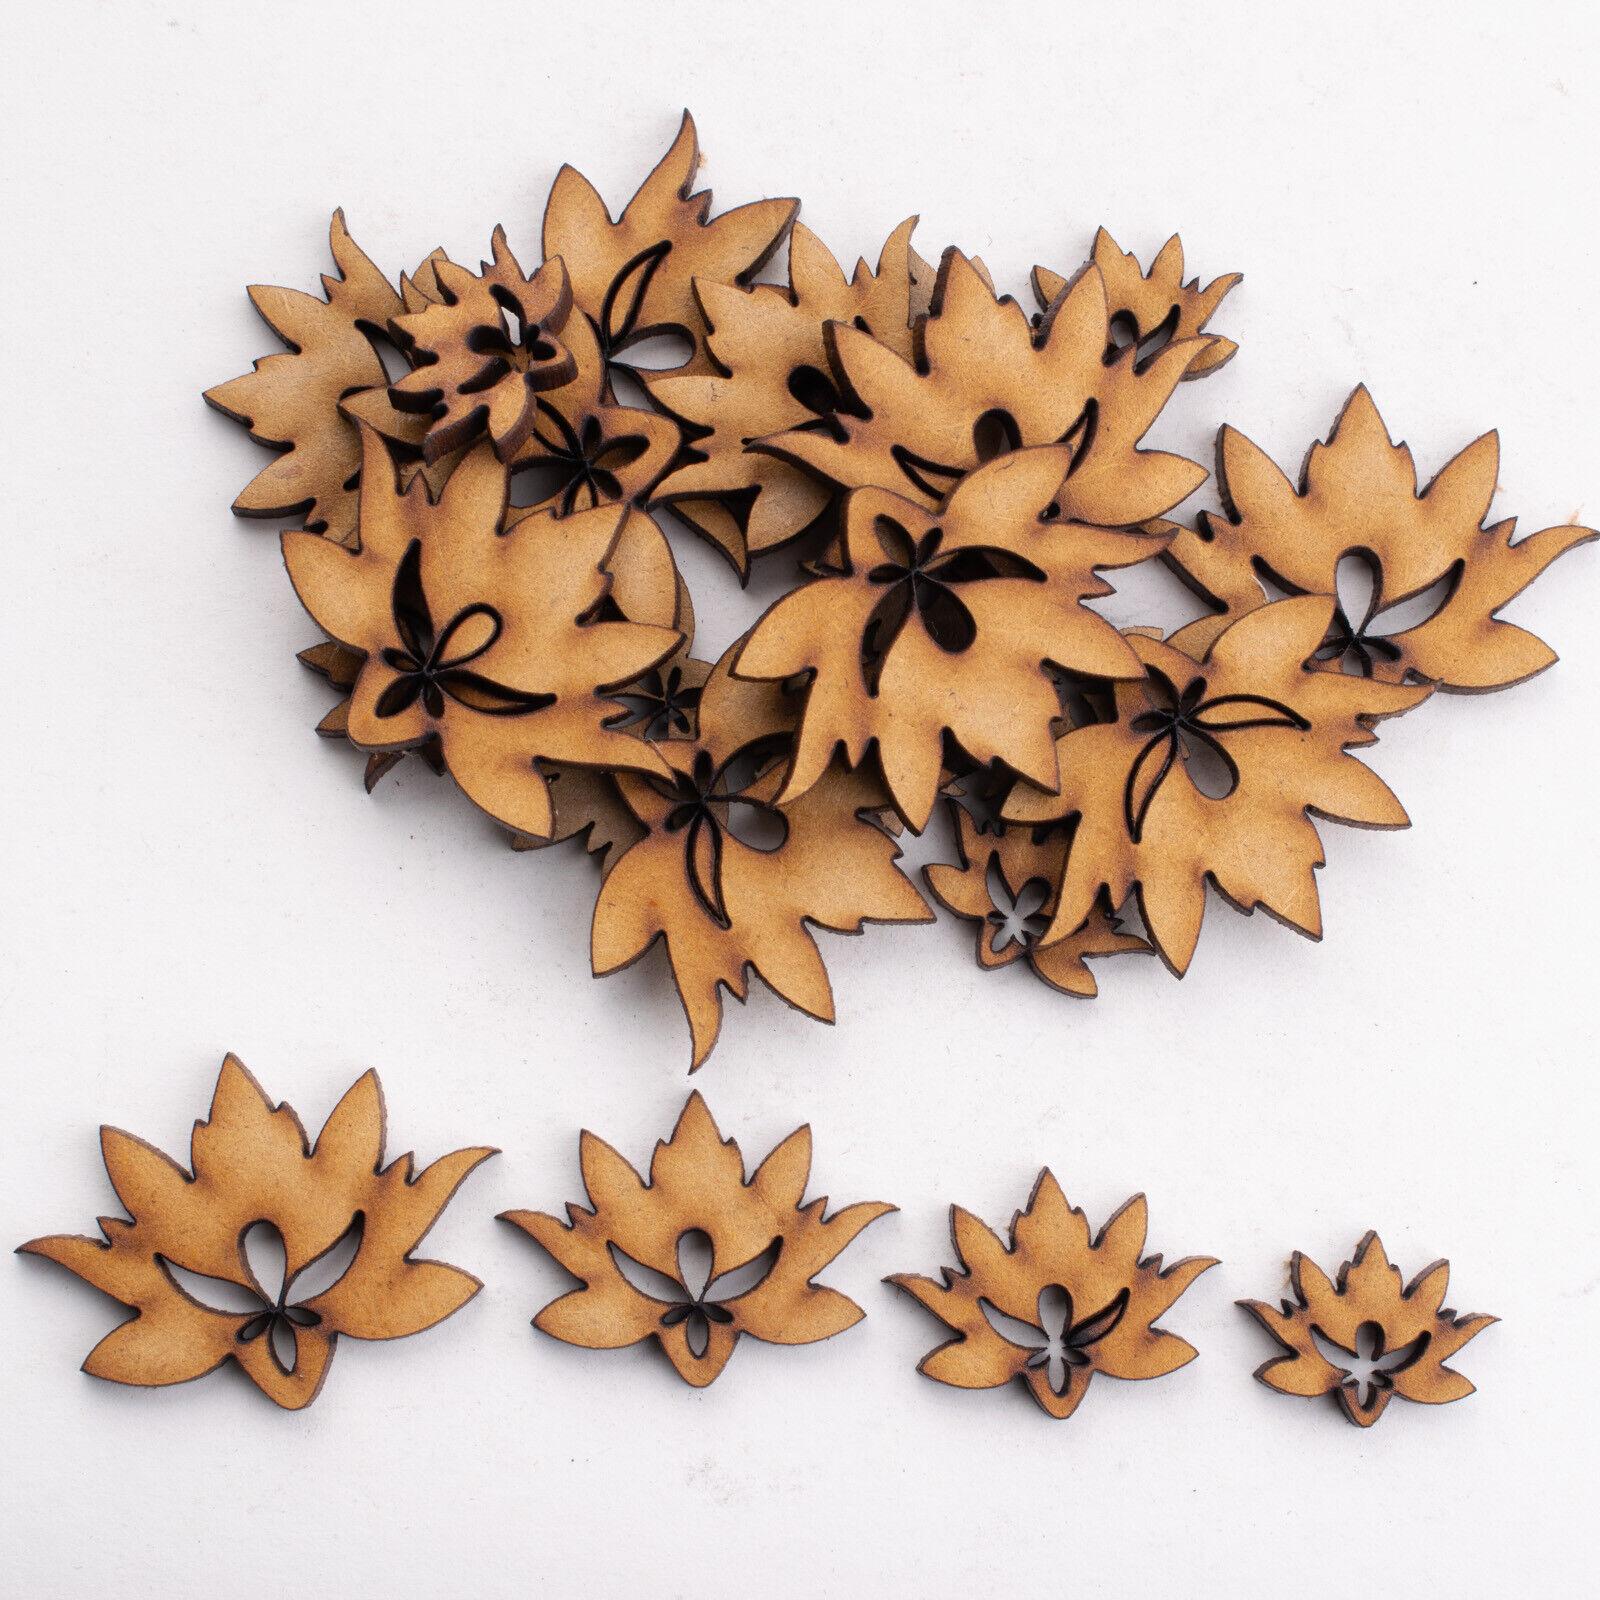 50 Mixed Flower Wooden Shape Craft Embellishments Scrapbooking Art Craft